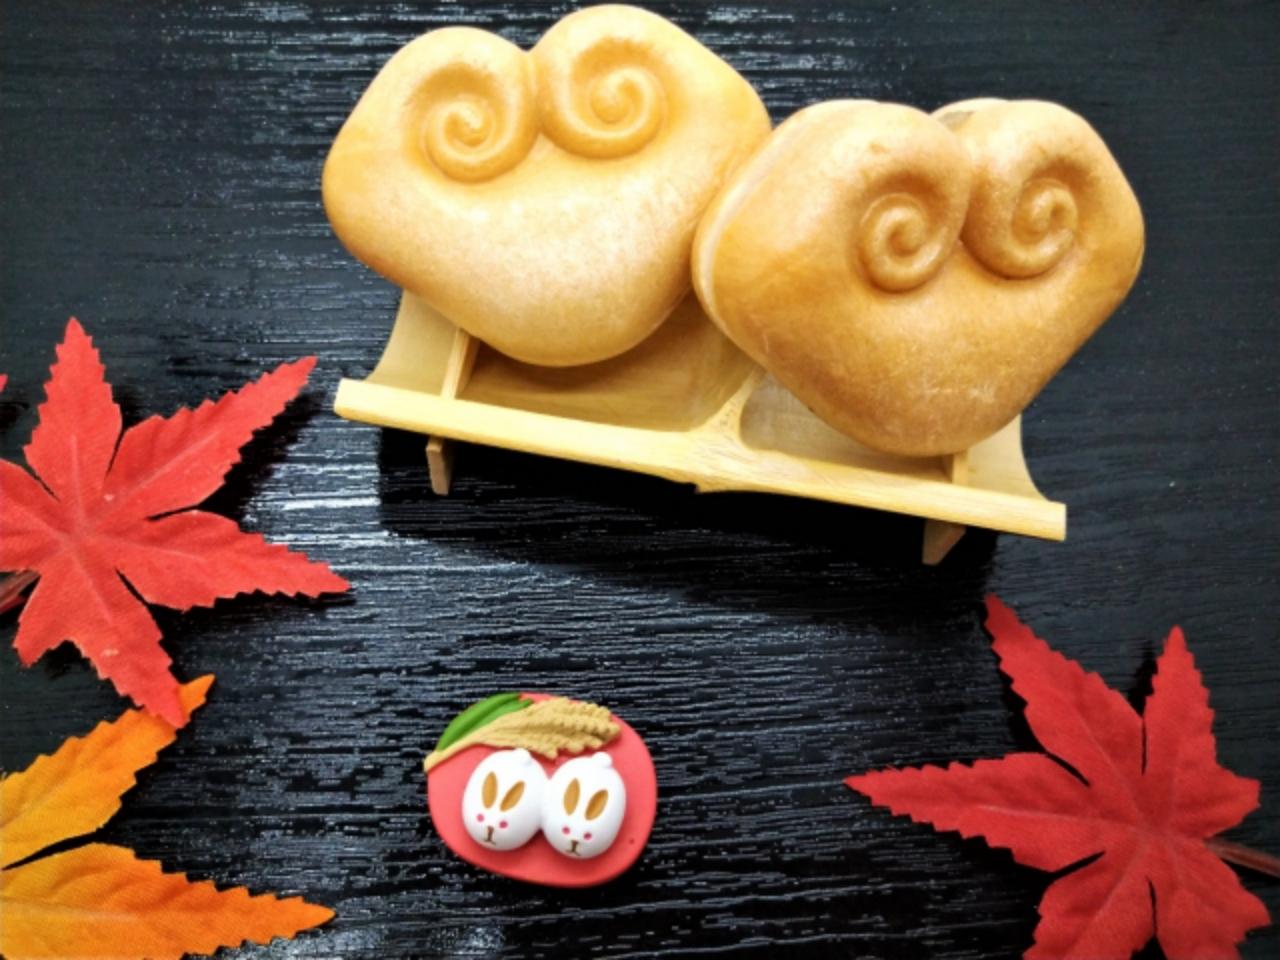 和菓子の「最中」にはどんな意味があるの?ところで「最中」って読みが複数あって紛らわしいですね・・・